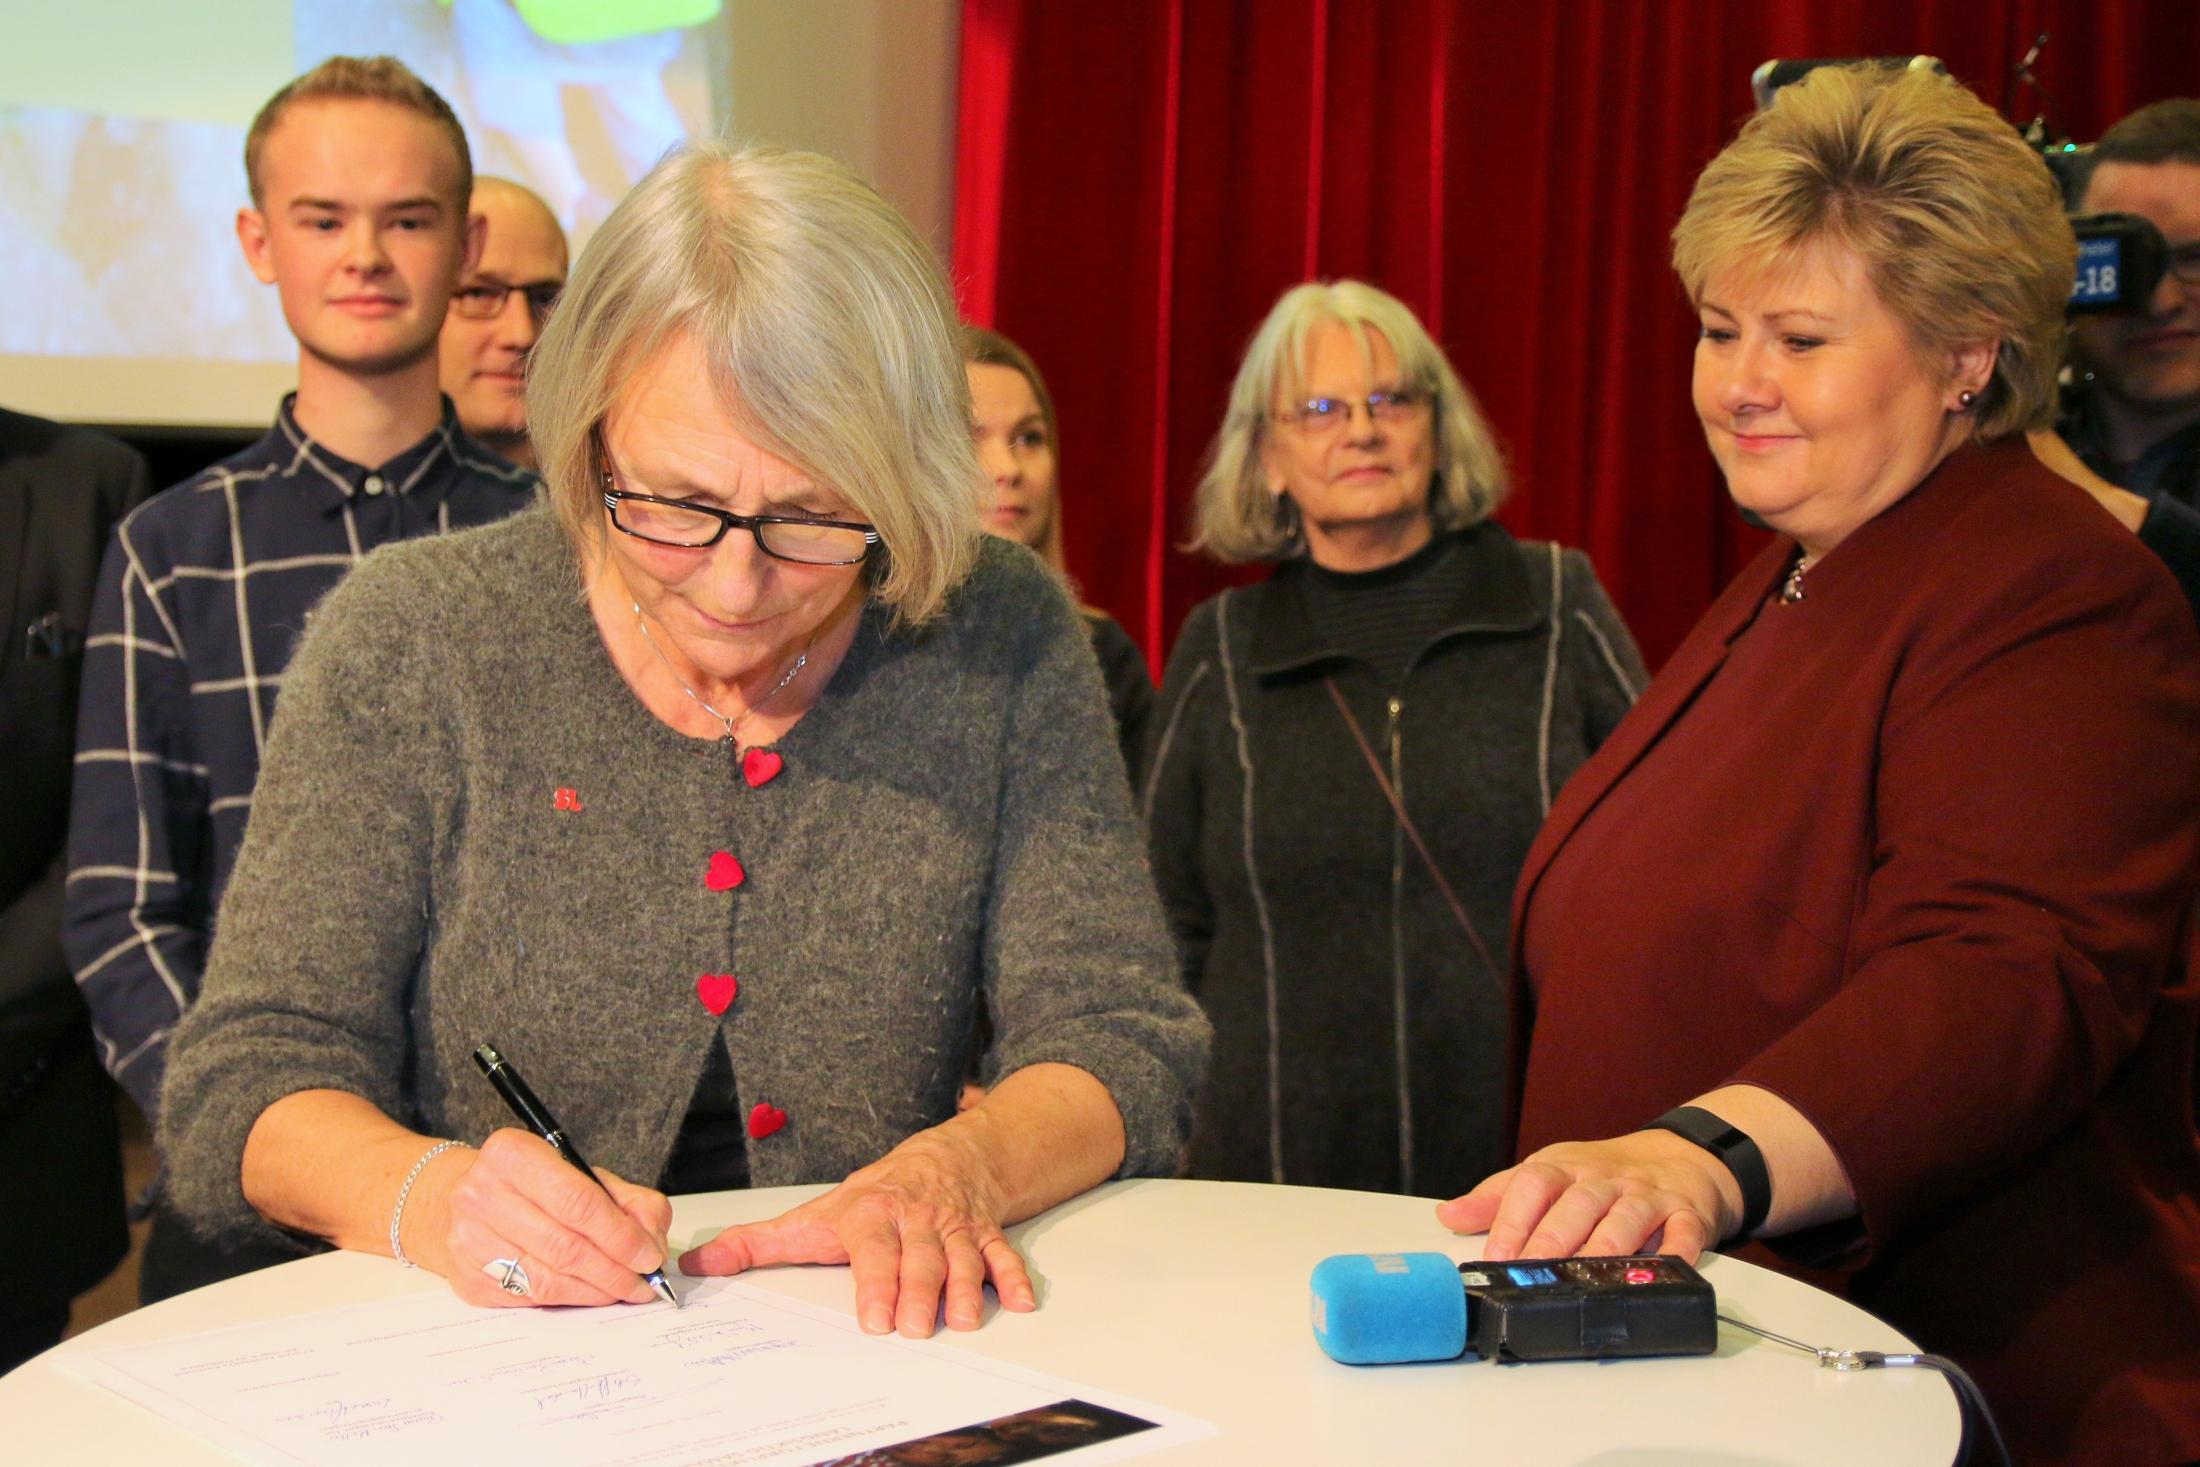 SL-leder Anne Finborud signerer et nytt Partnerskap mot mobbing, på Marienlyst skole i Oslo. Statsminister Erna Solberg (H) følger nøye med. (Foto: SL)